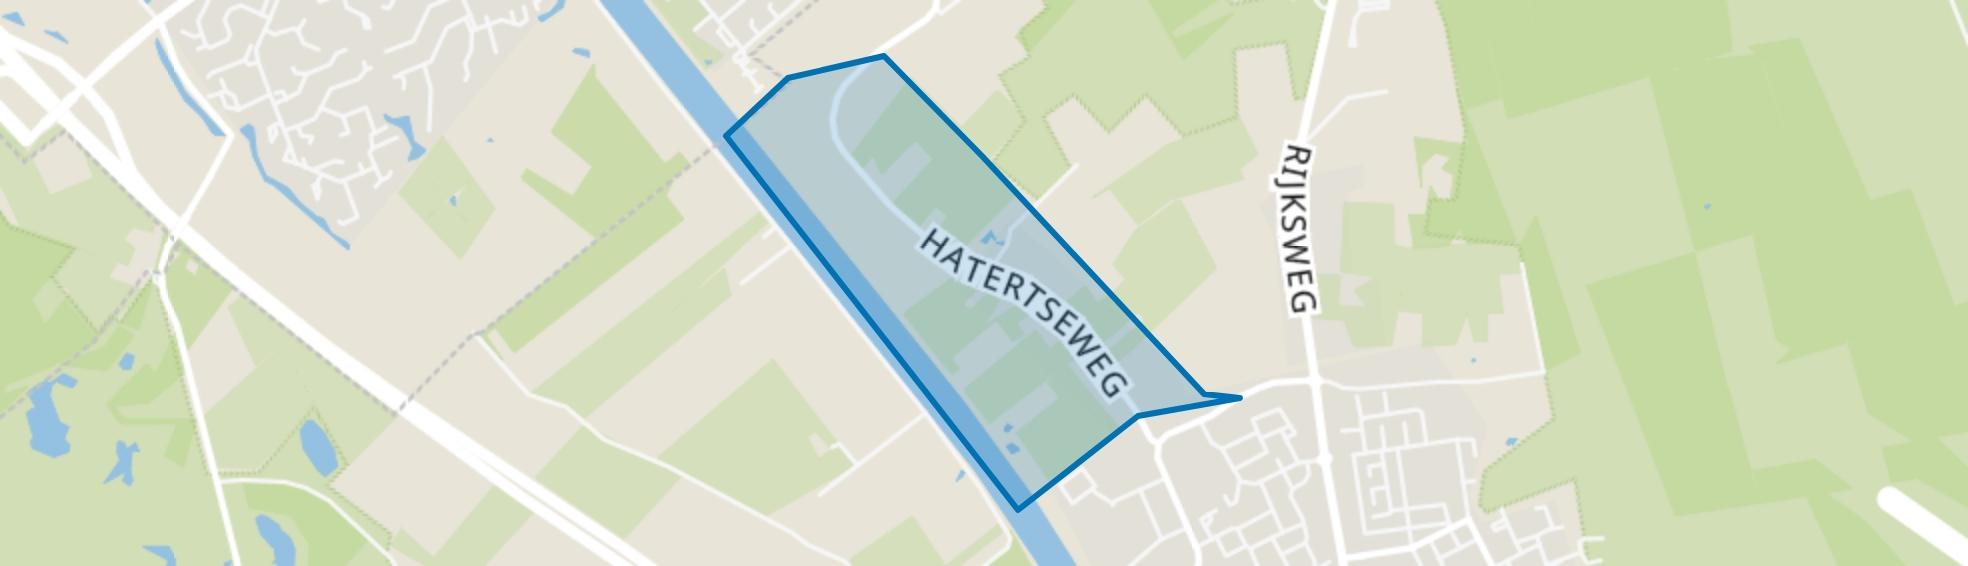 Broekkant en Droge, Malden map